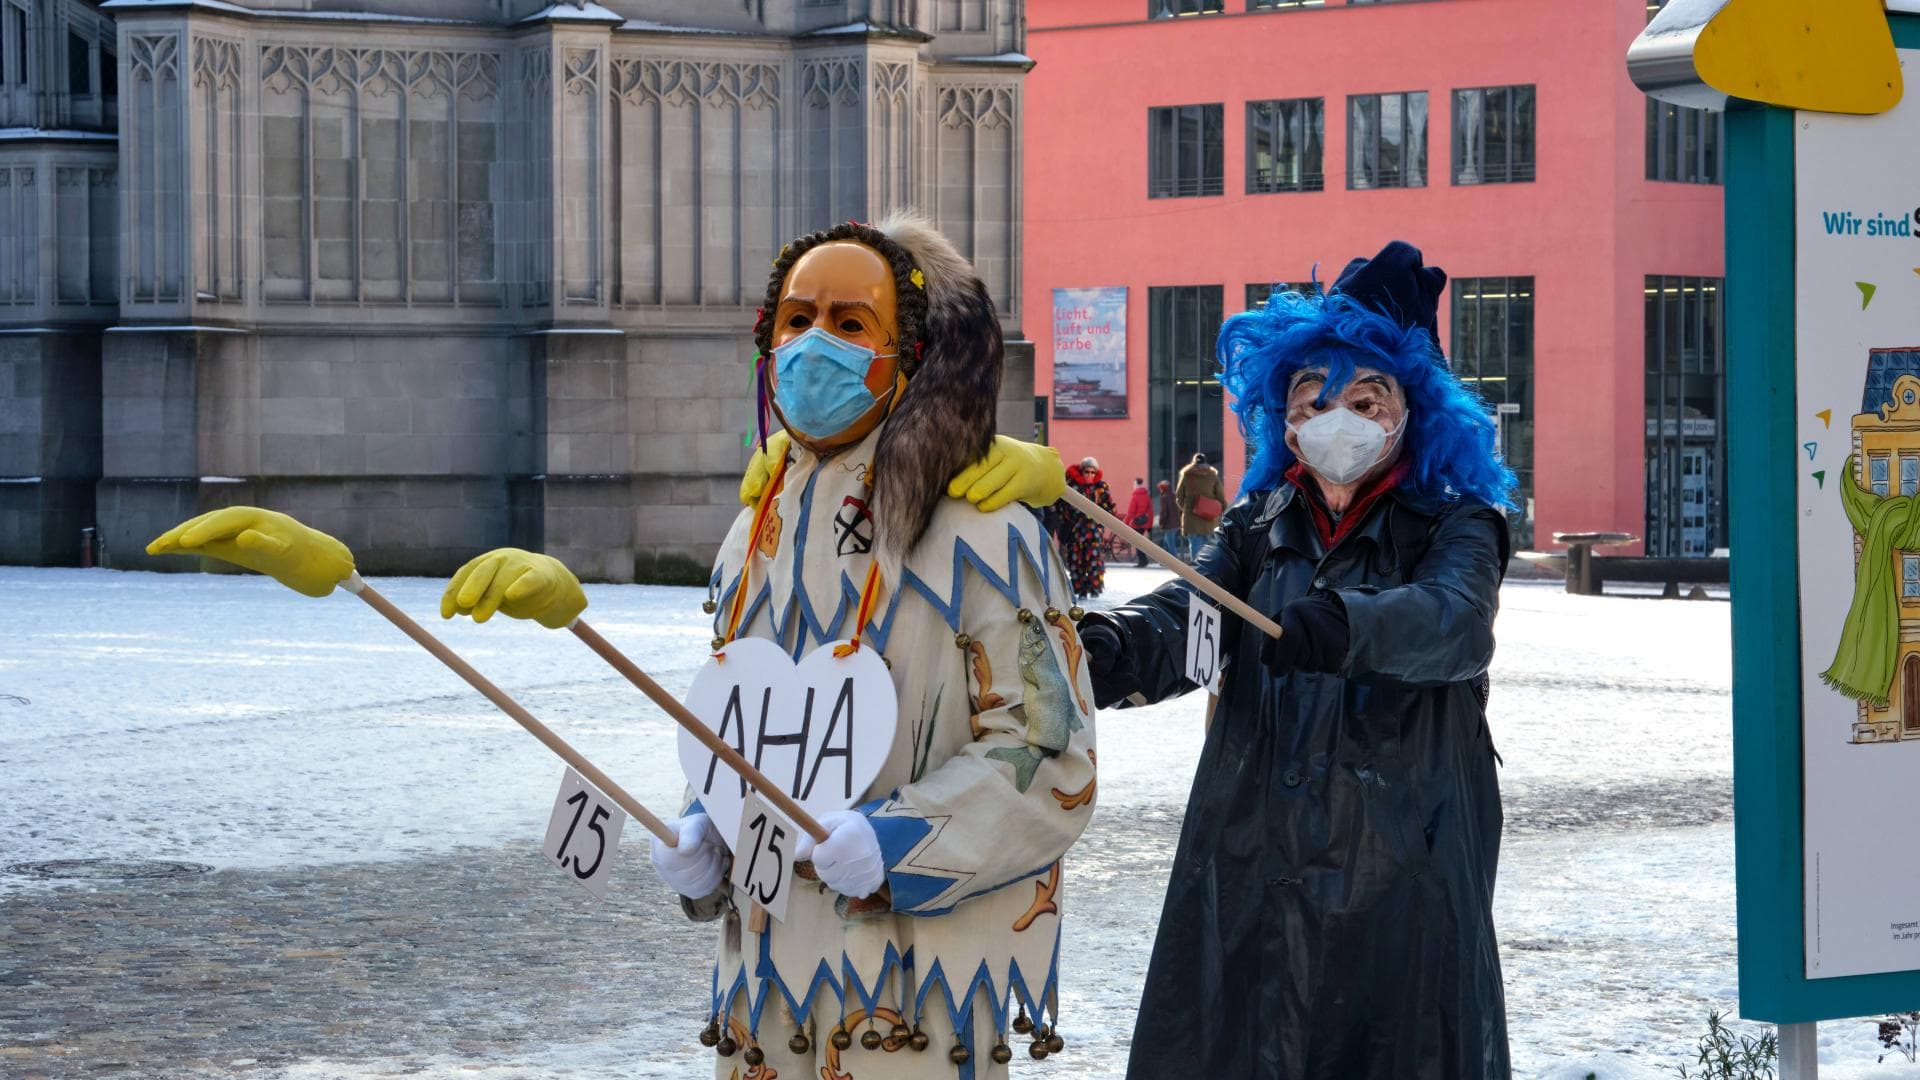 karneval mann frau verkleidung abstand